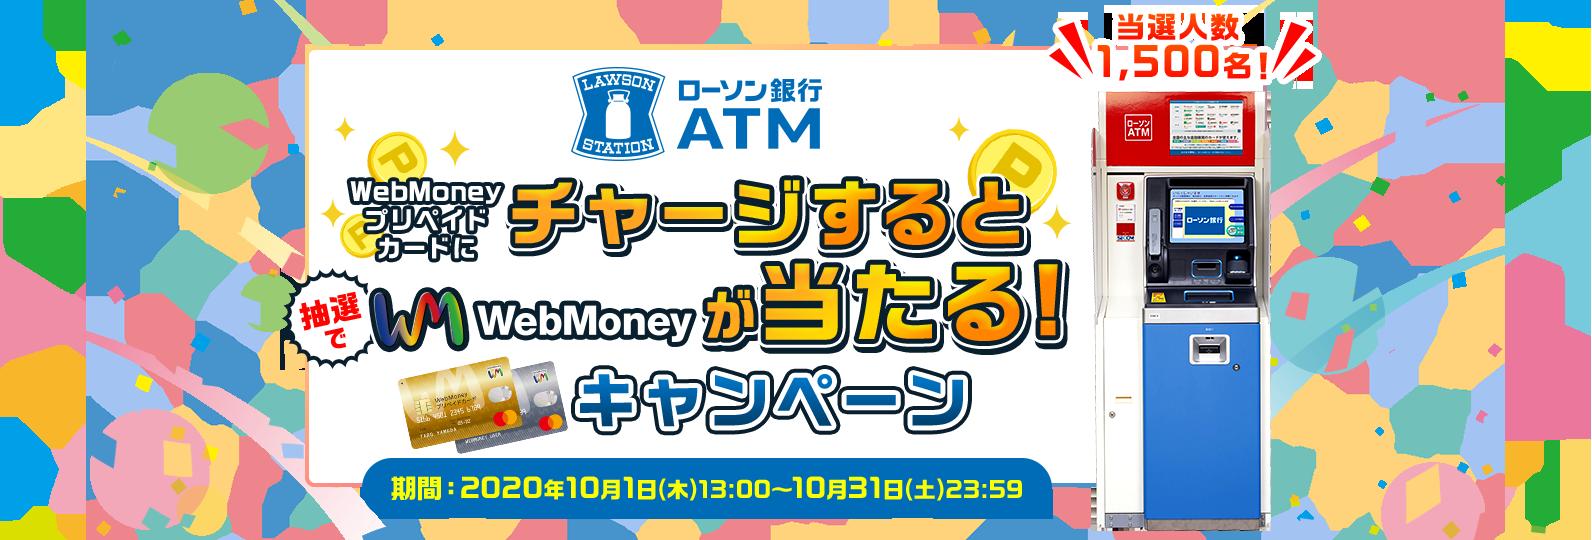 ローソン銀行ATMでWebMoneyプリペイドにチャージすると抽選で1000ポイントが1500名に当たる。~10/31。